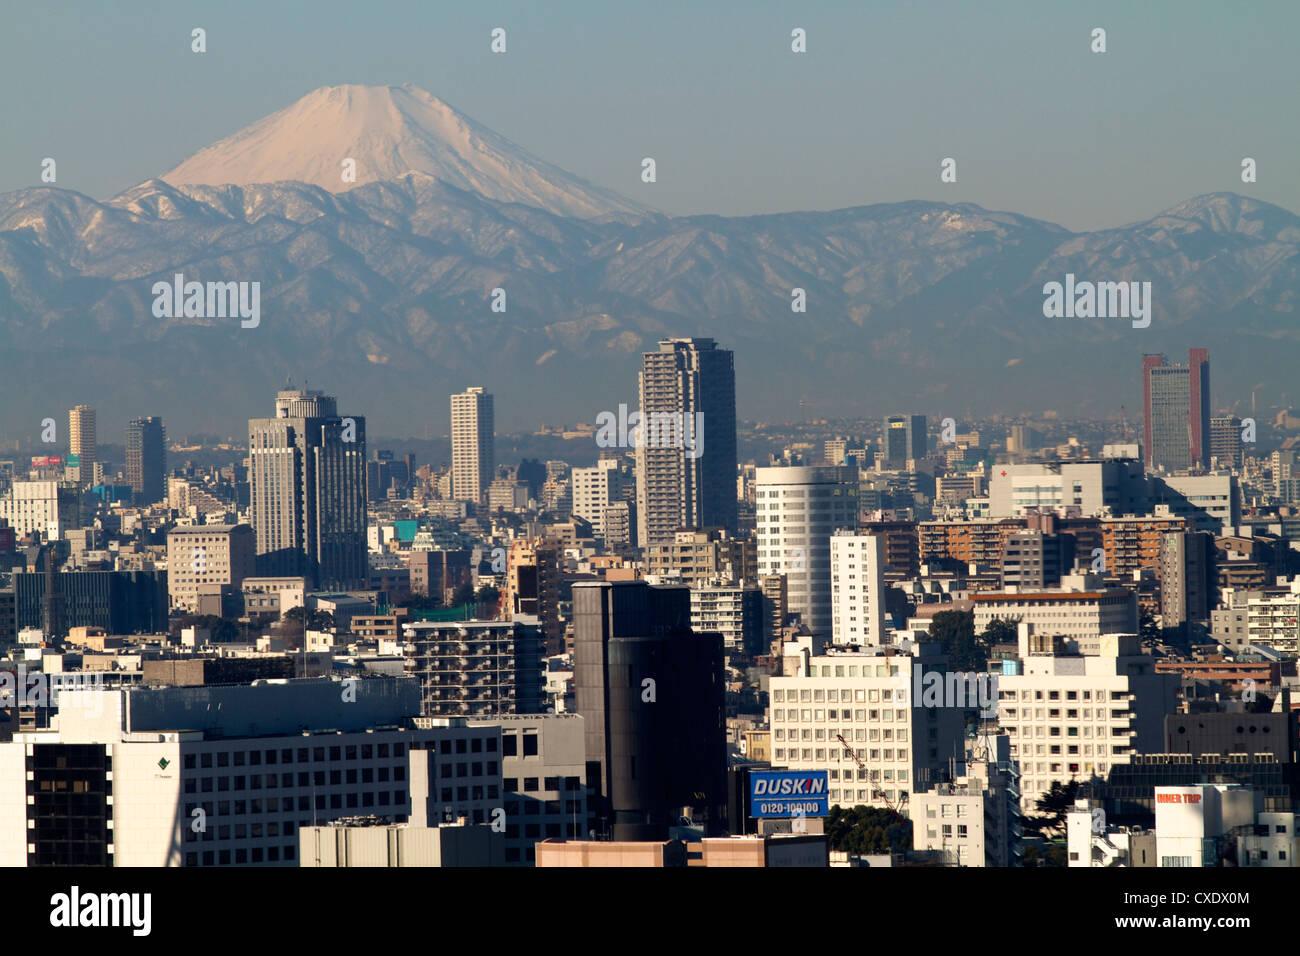 Blick über die Stadt Tokio und Mount Fuji, Tokio, Japan, Asien Stockbild